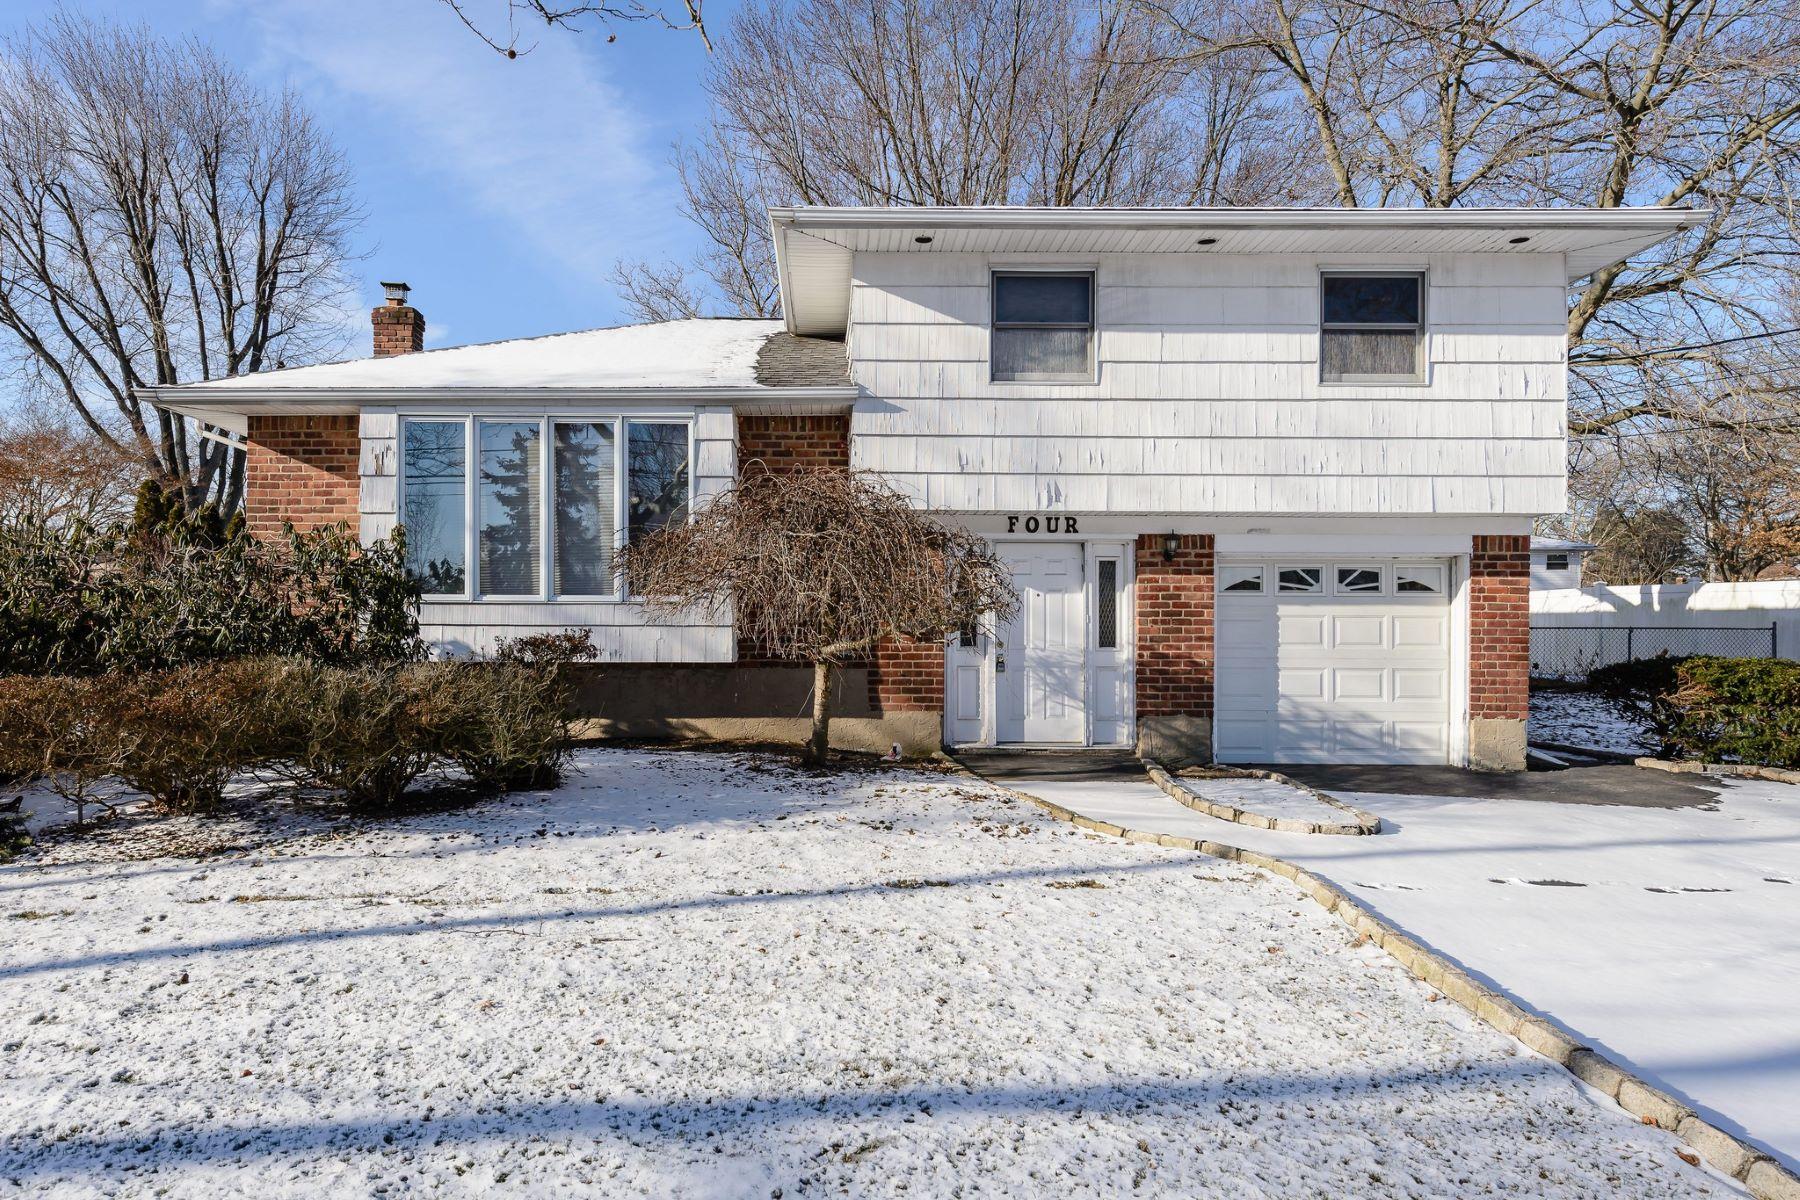 Частный односемейный дом для того Продажа на 4 Leeward Ln , Commack, NY 11725 4 Leeward Ln, Commack, Нью-Йорк, 11725 Соединенные Штаты